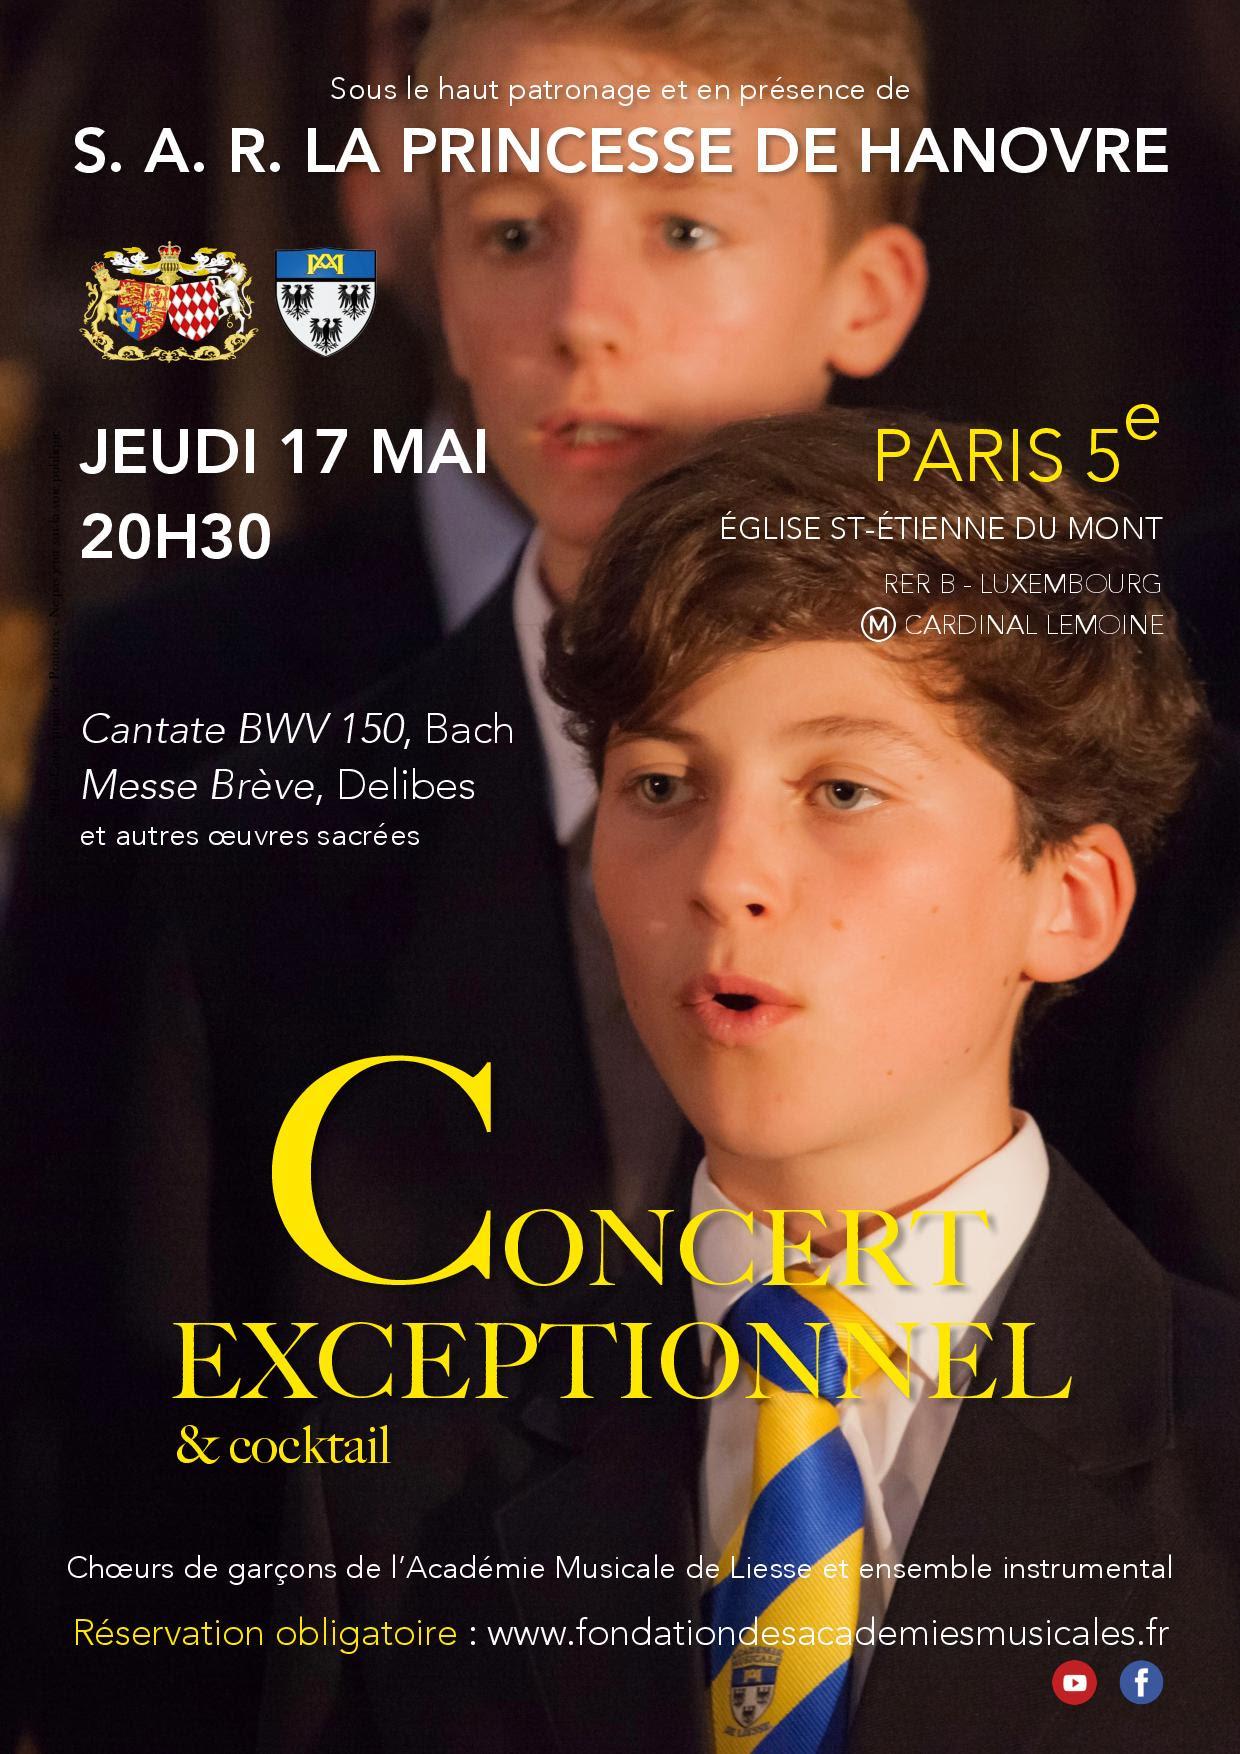 Concert_St_Etienne_du_Mont_-A4-page-001.jpg